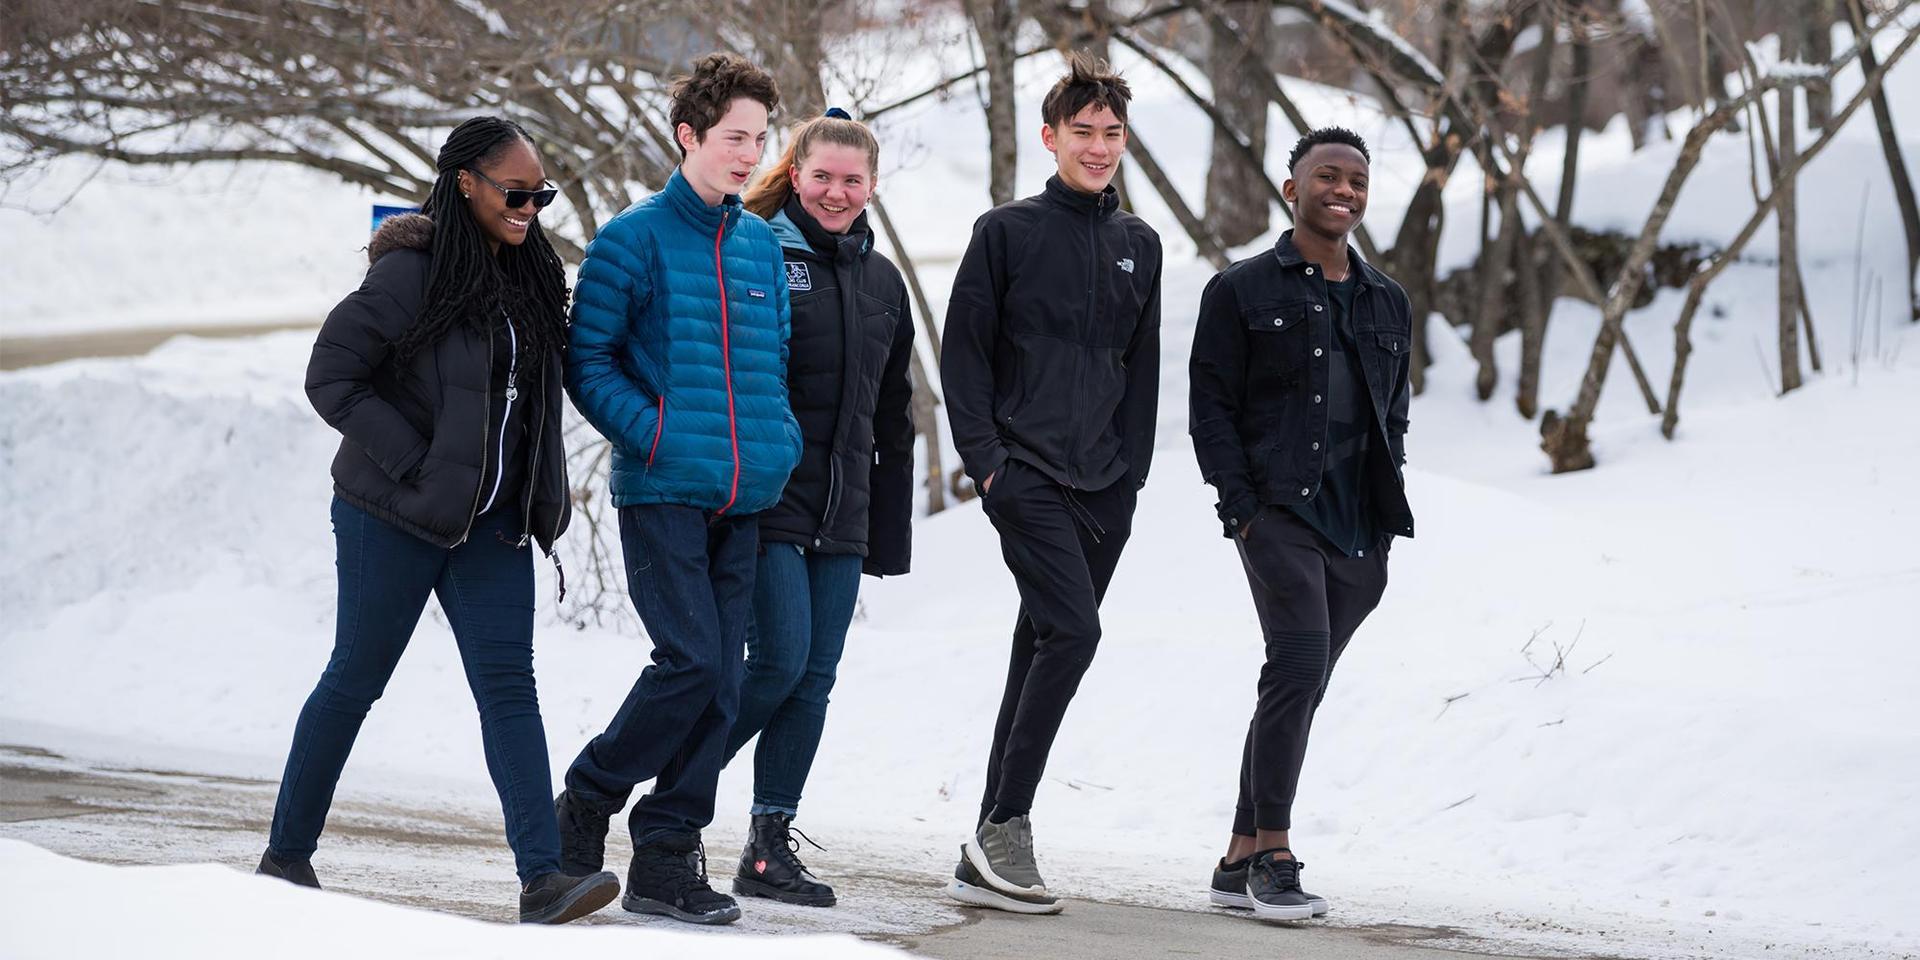 冬天,学生们在库克圈散步.